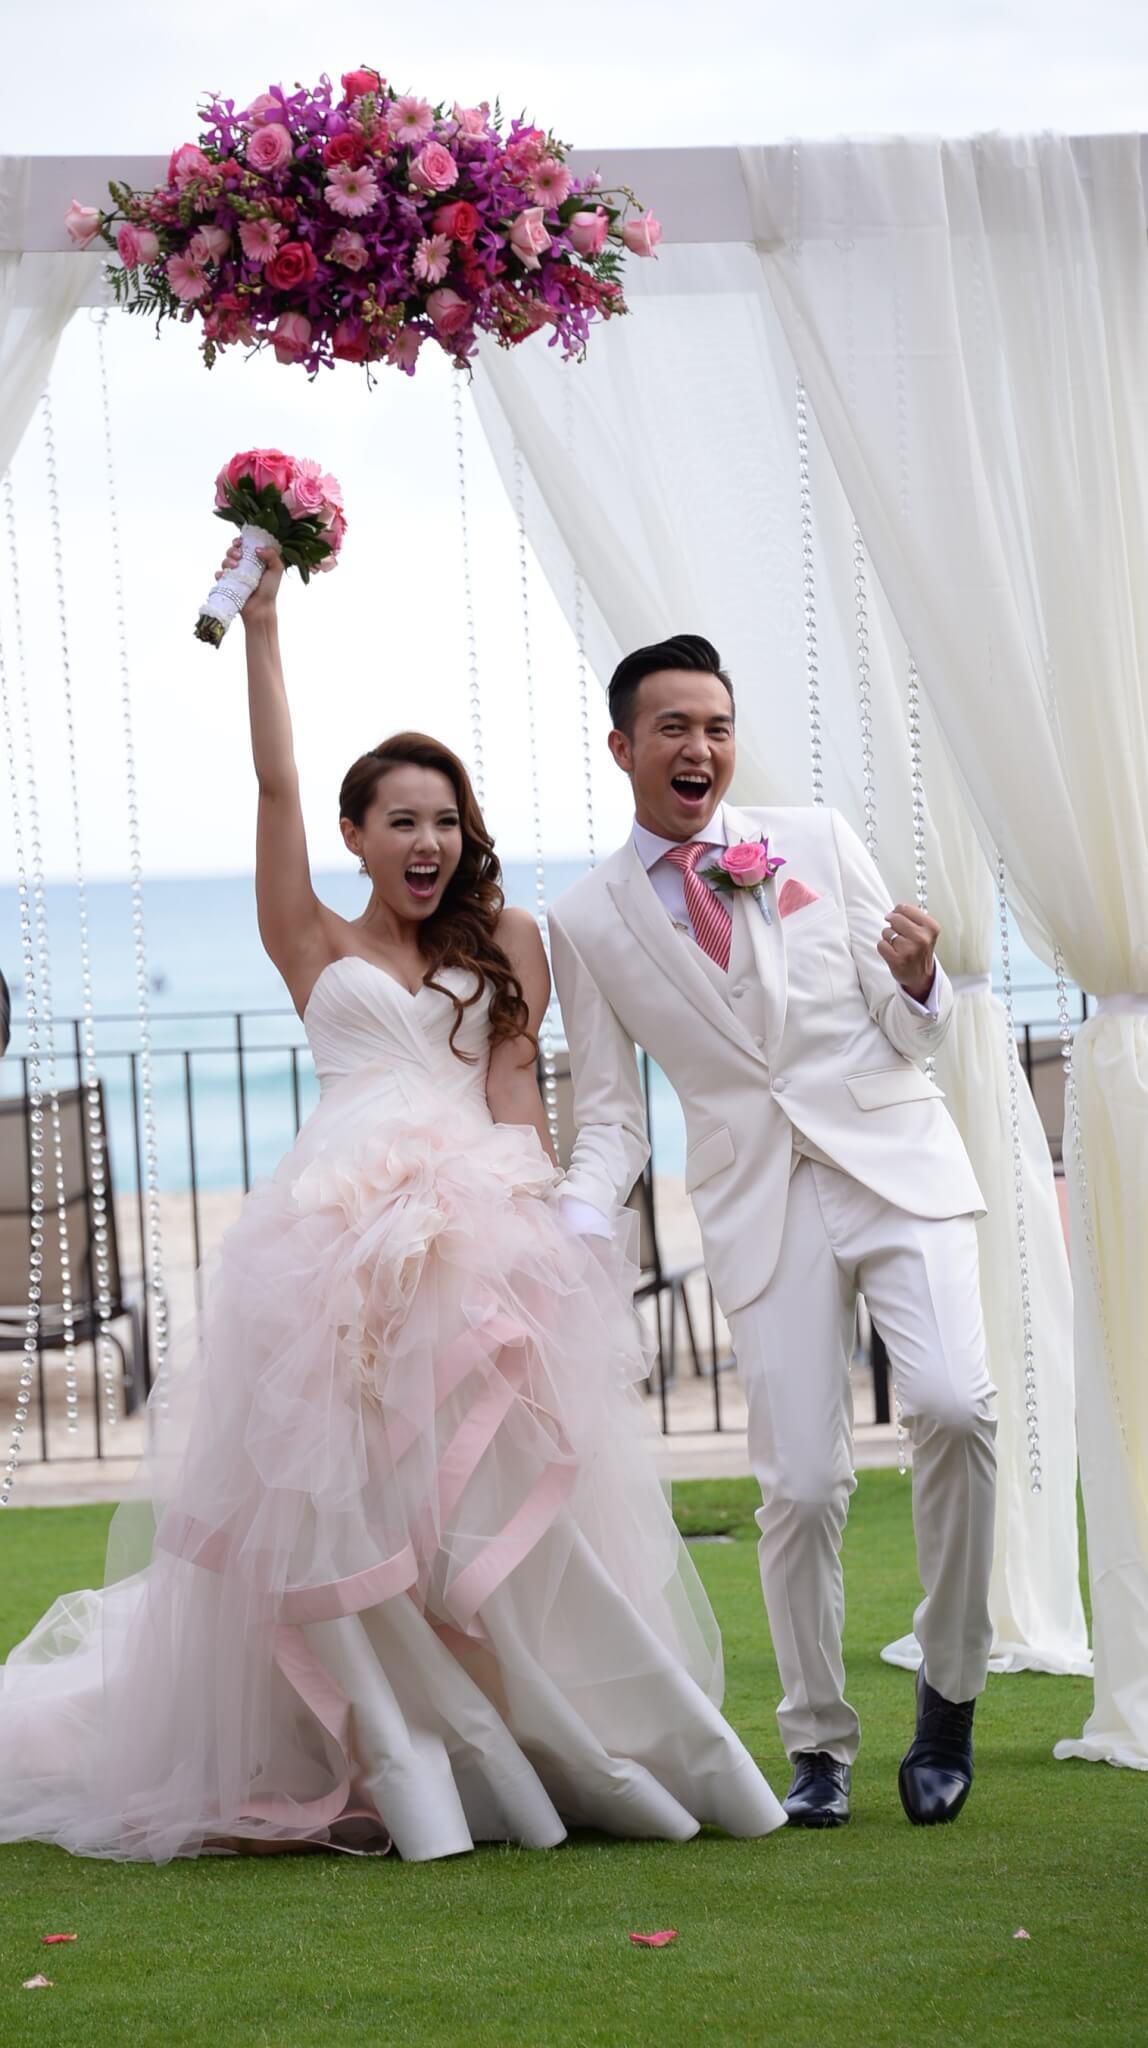 2014年12月12日(夏威夷時間),楊洛婷與拍拖8年的樂隊Dear Jane主音Tim(黃天翱)在夏威夷秘密結婚。